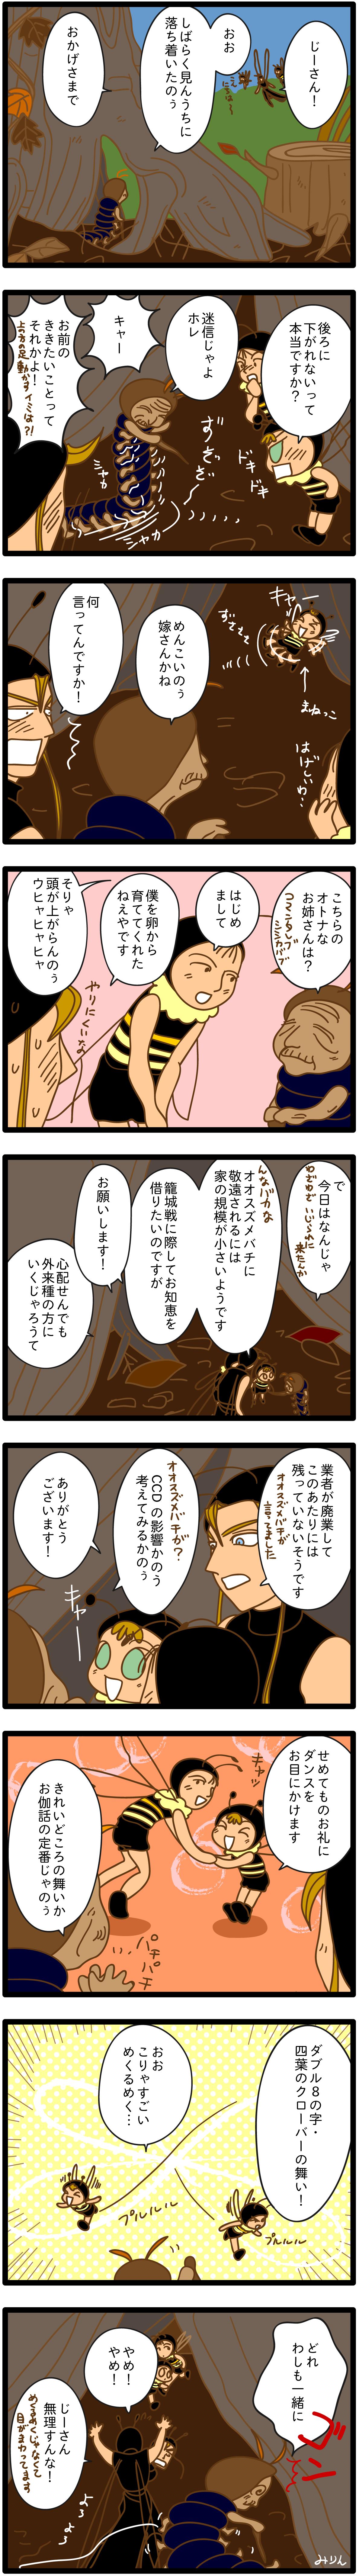 115. 晩秋の防衛戦(5)